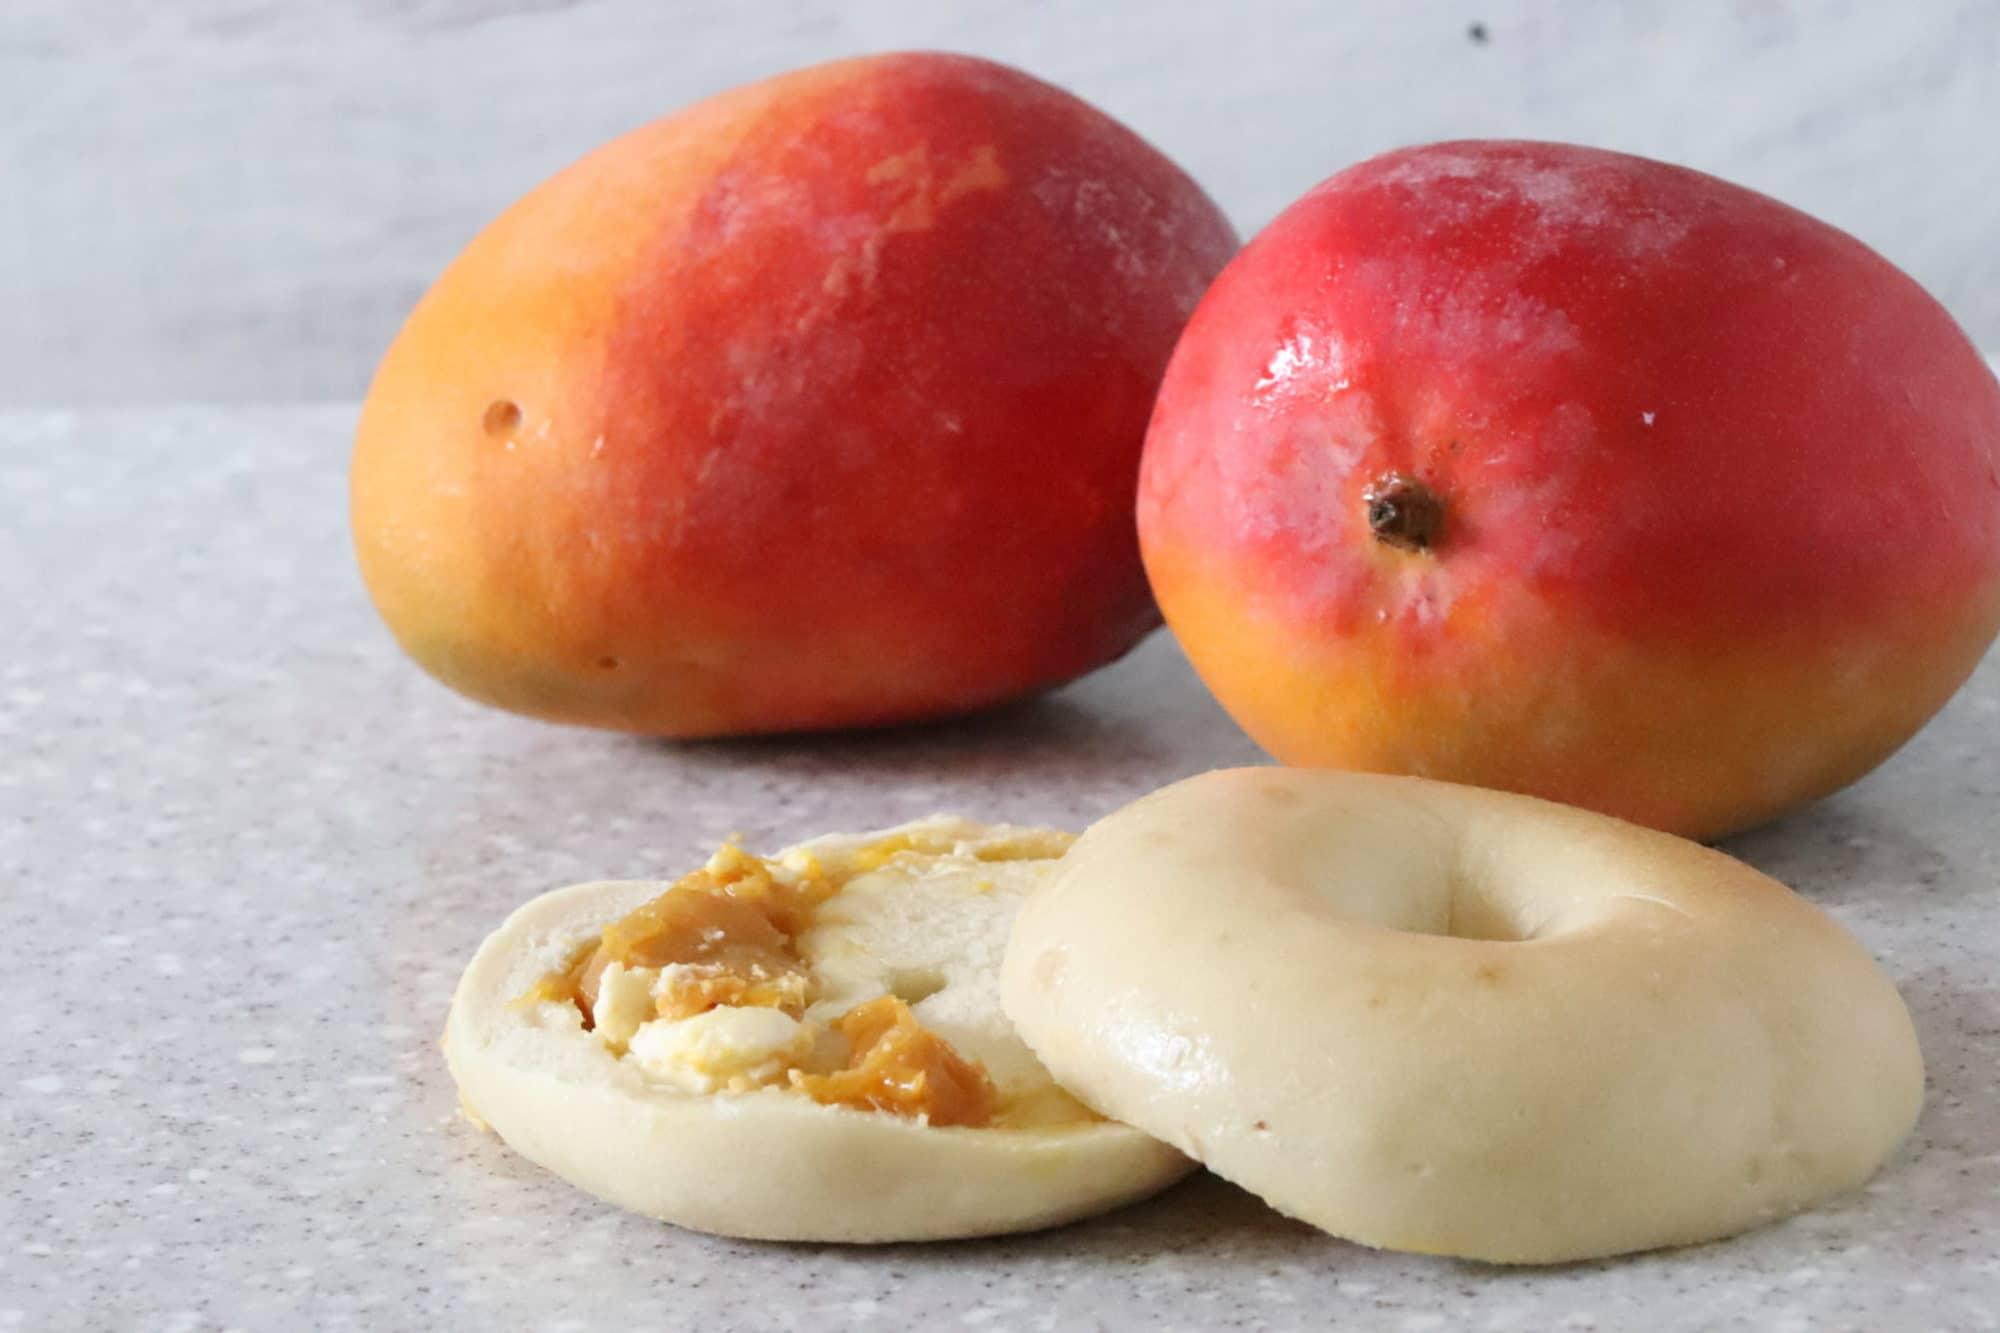 マンゴー、生マンゴー、ドライマンゴーのたっぷりのマンゴーをクリームチーズと一緒に。